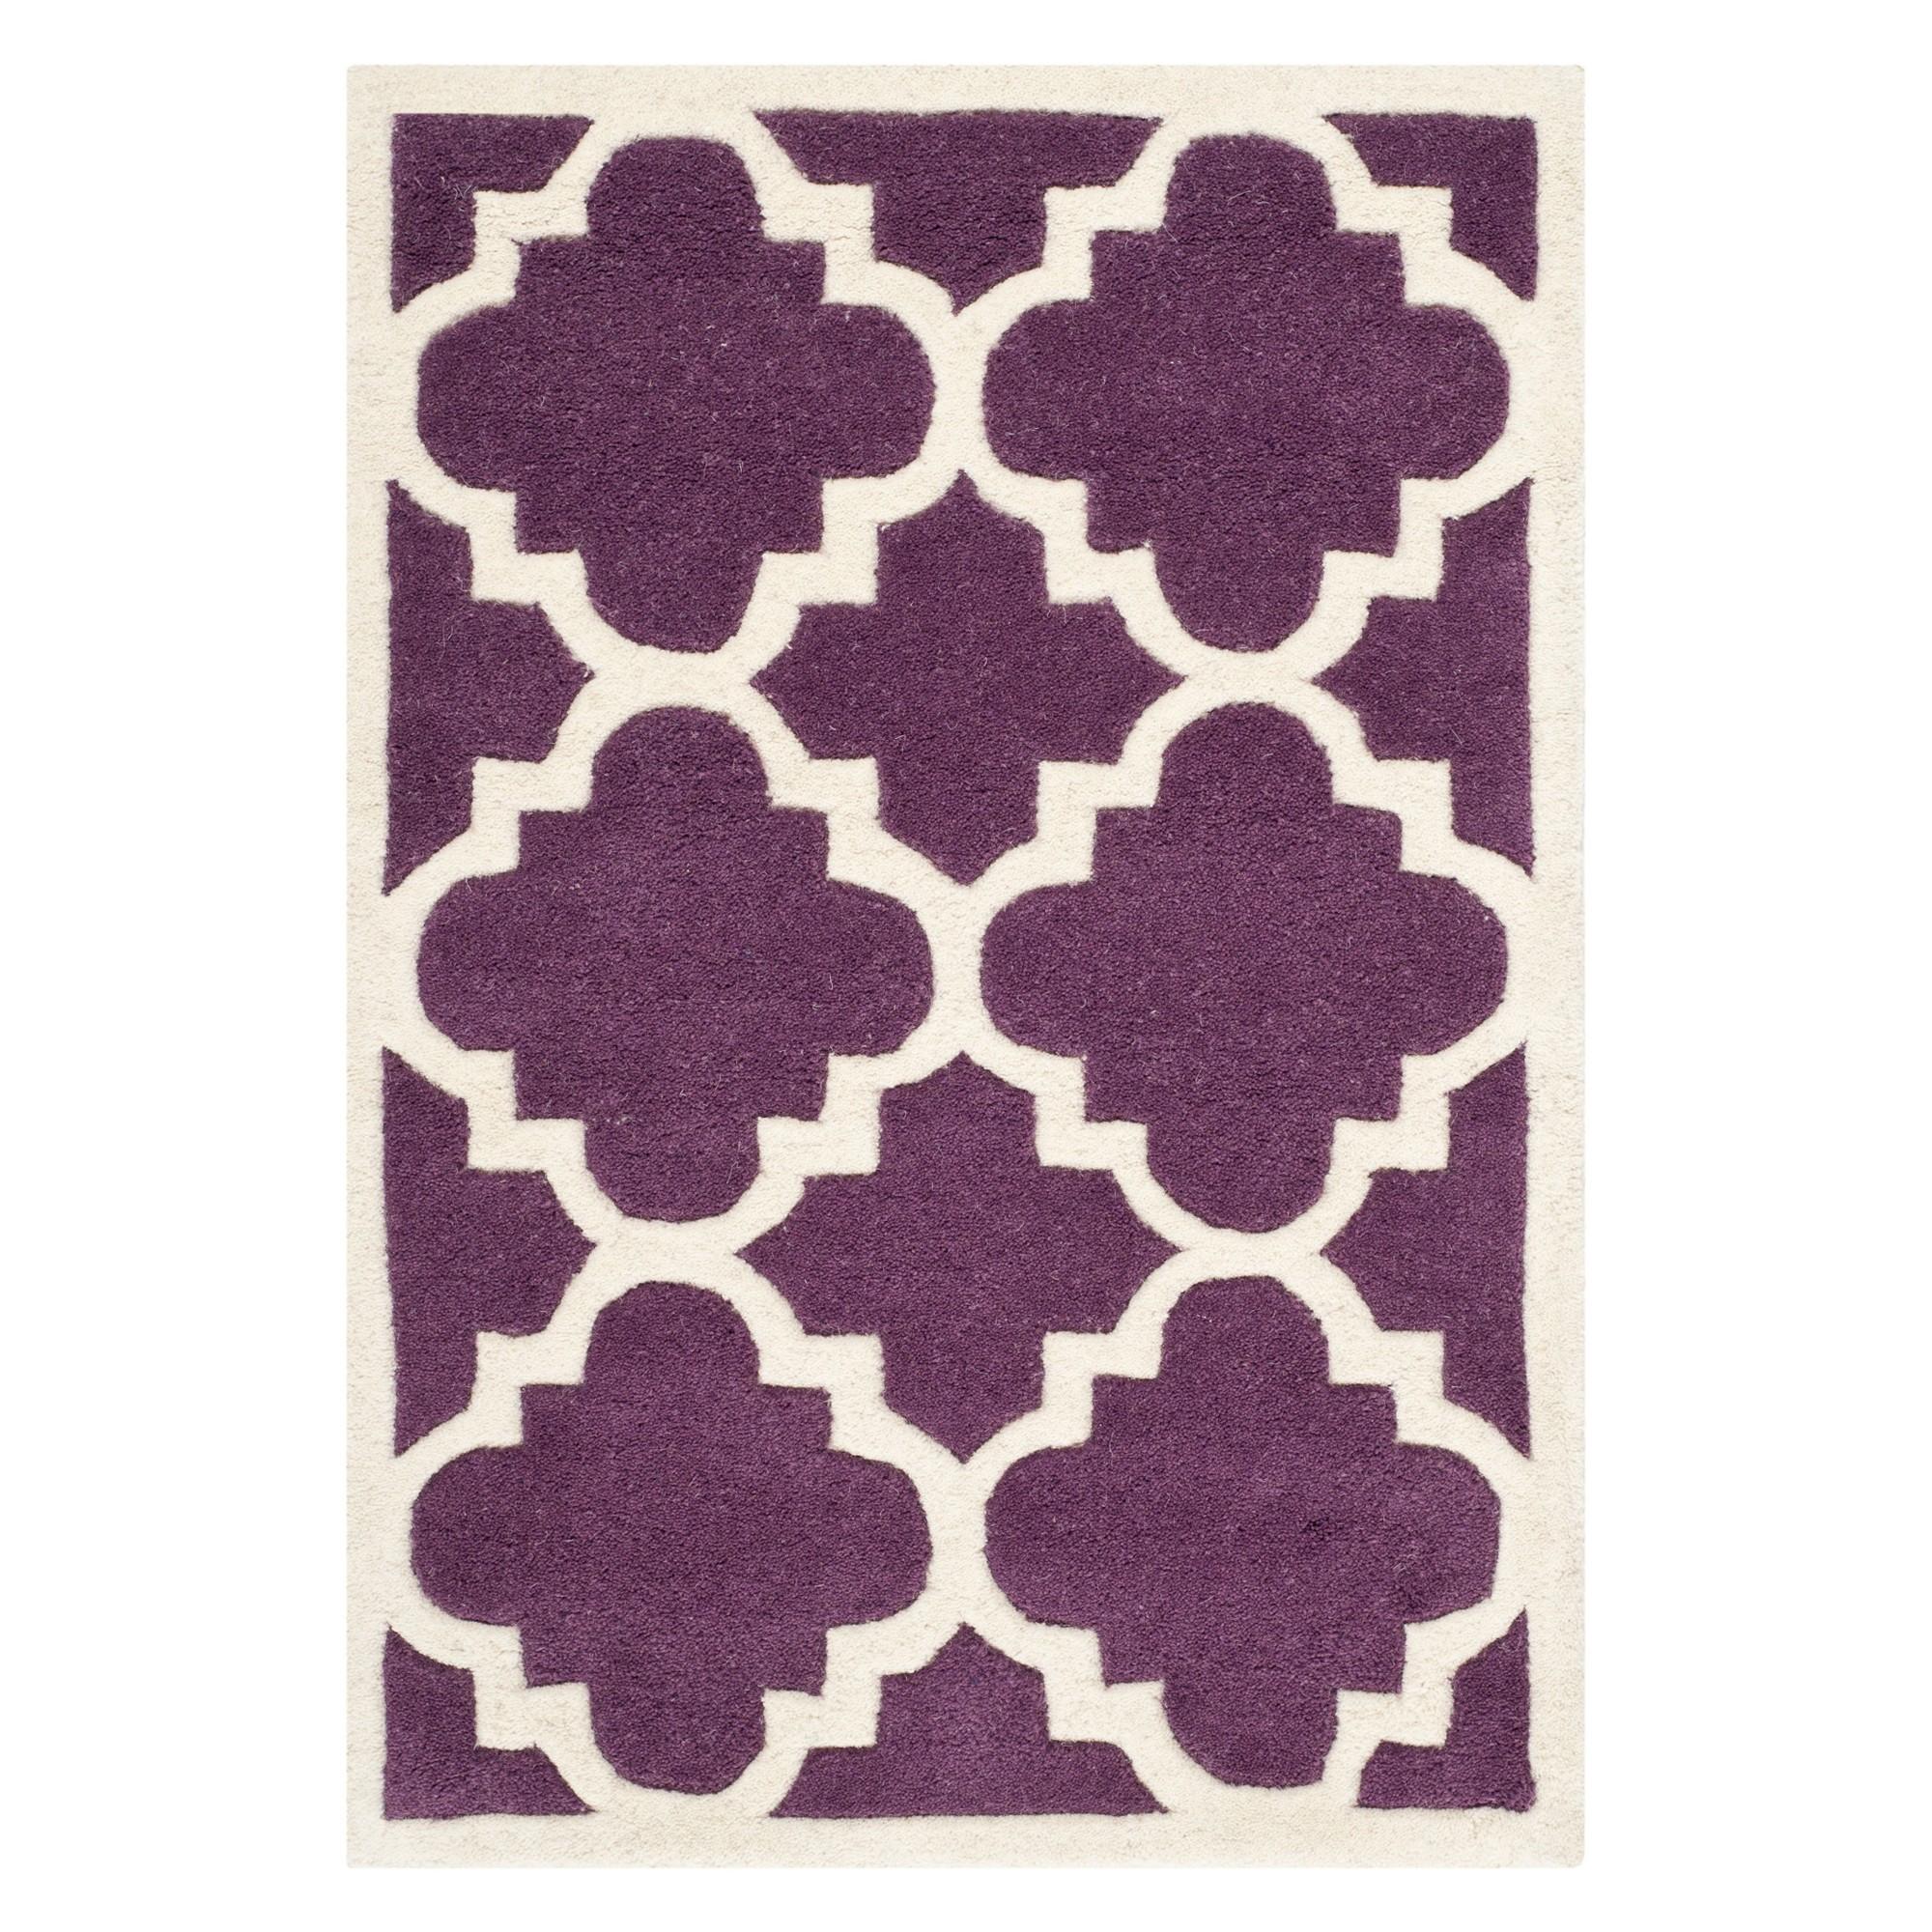 2'X3' Quatrefoil Design Tufted Accent Rug Purple/Ivory - Safavieh